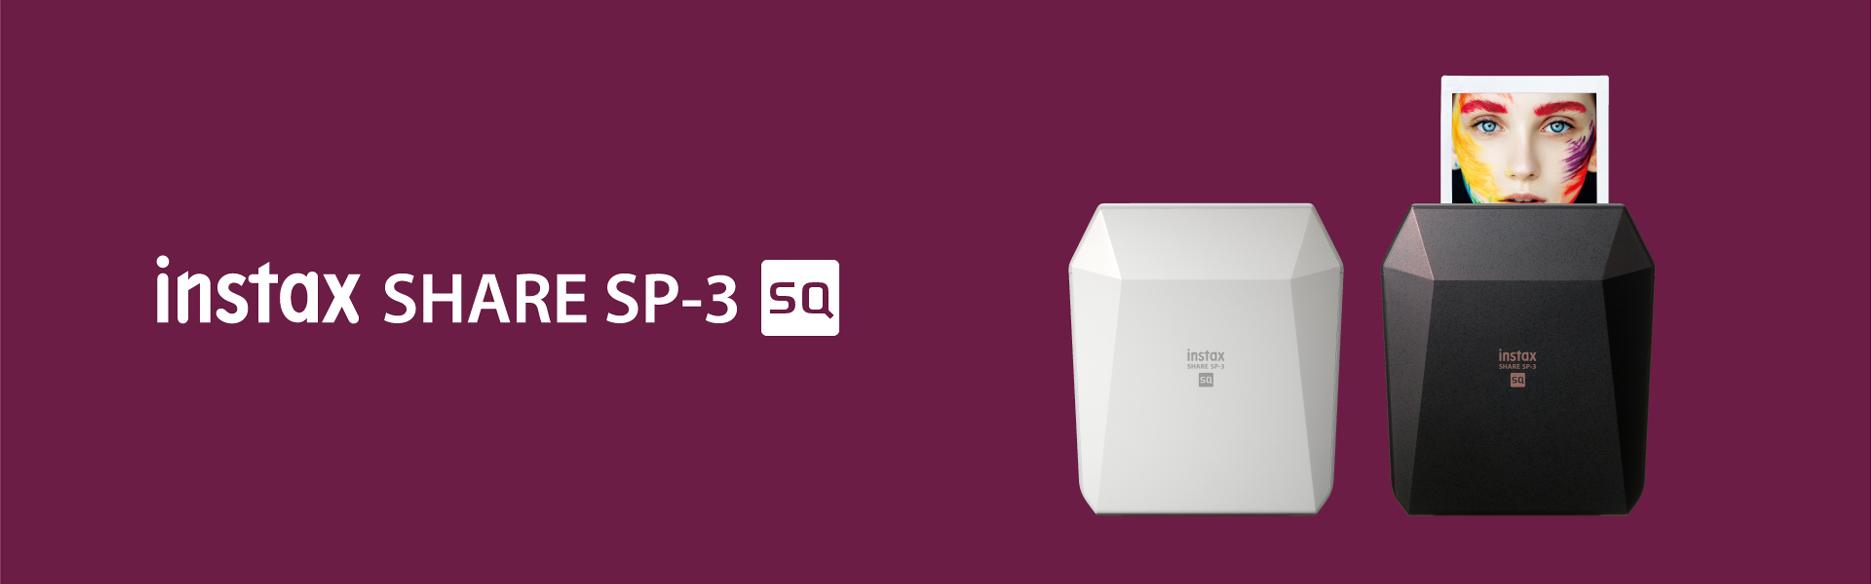 [photo] 화이트 로고가 있는 퍼플 바탕에 화이트 및 블랙 색상의 인스탁스 쉐어 SP-3